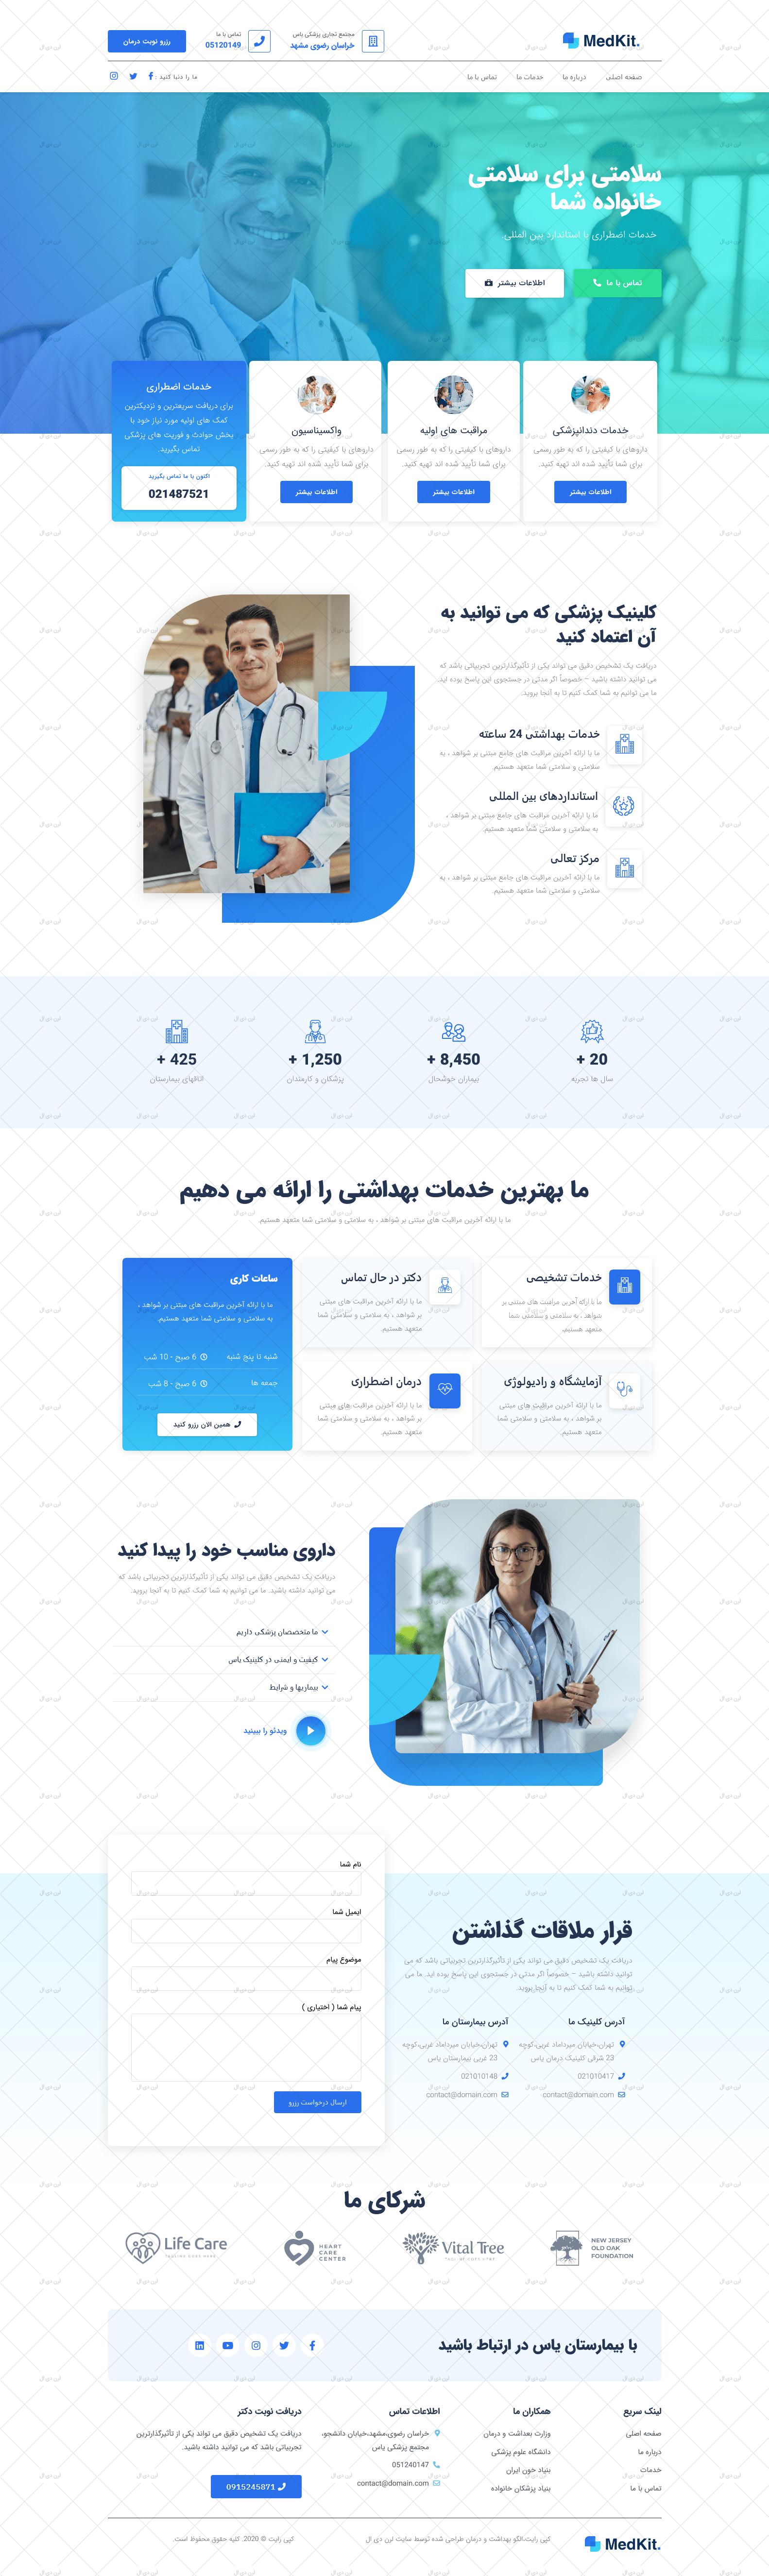 الگو فارسی المنتور برای سایت های بهداشت و درمان